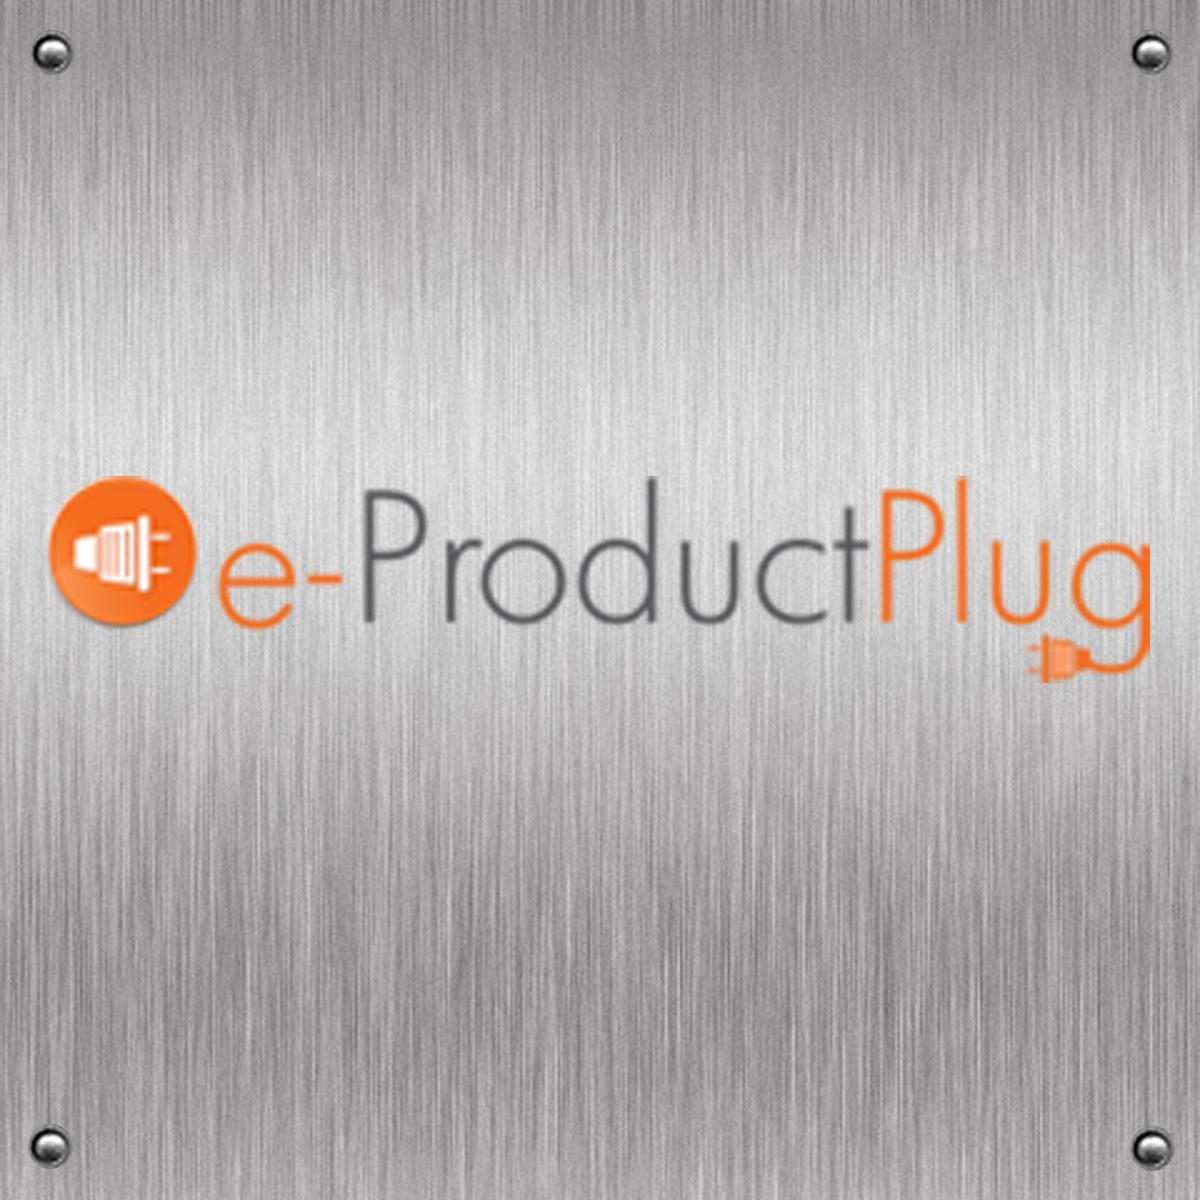 e‑ProductPlug